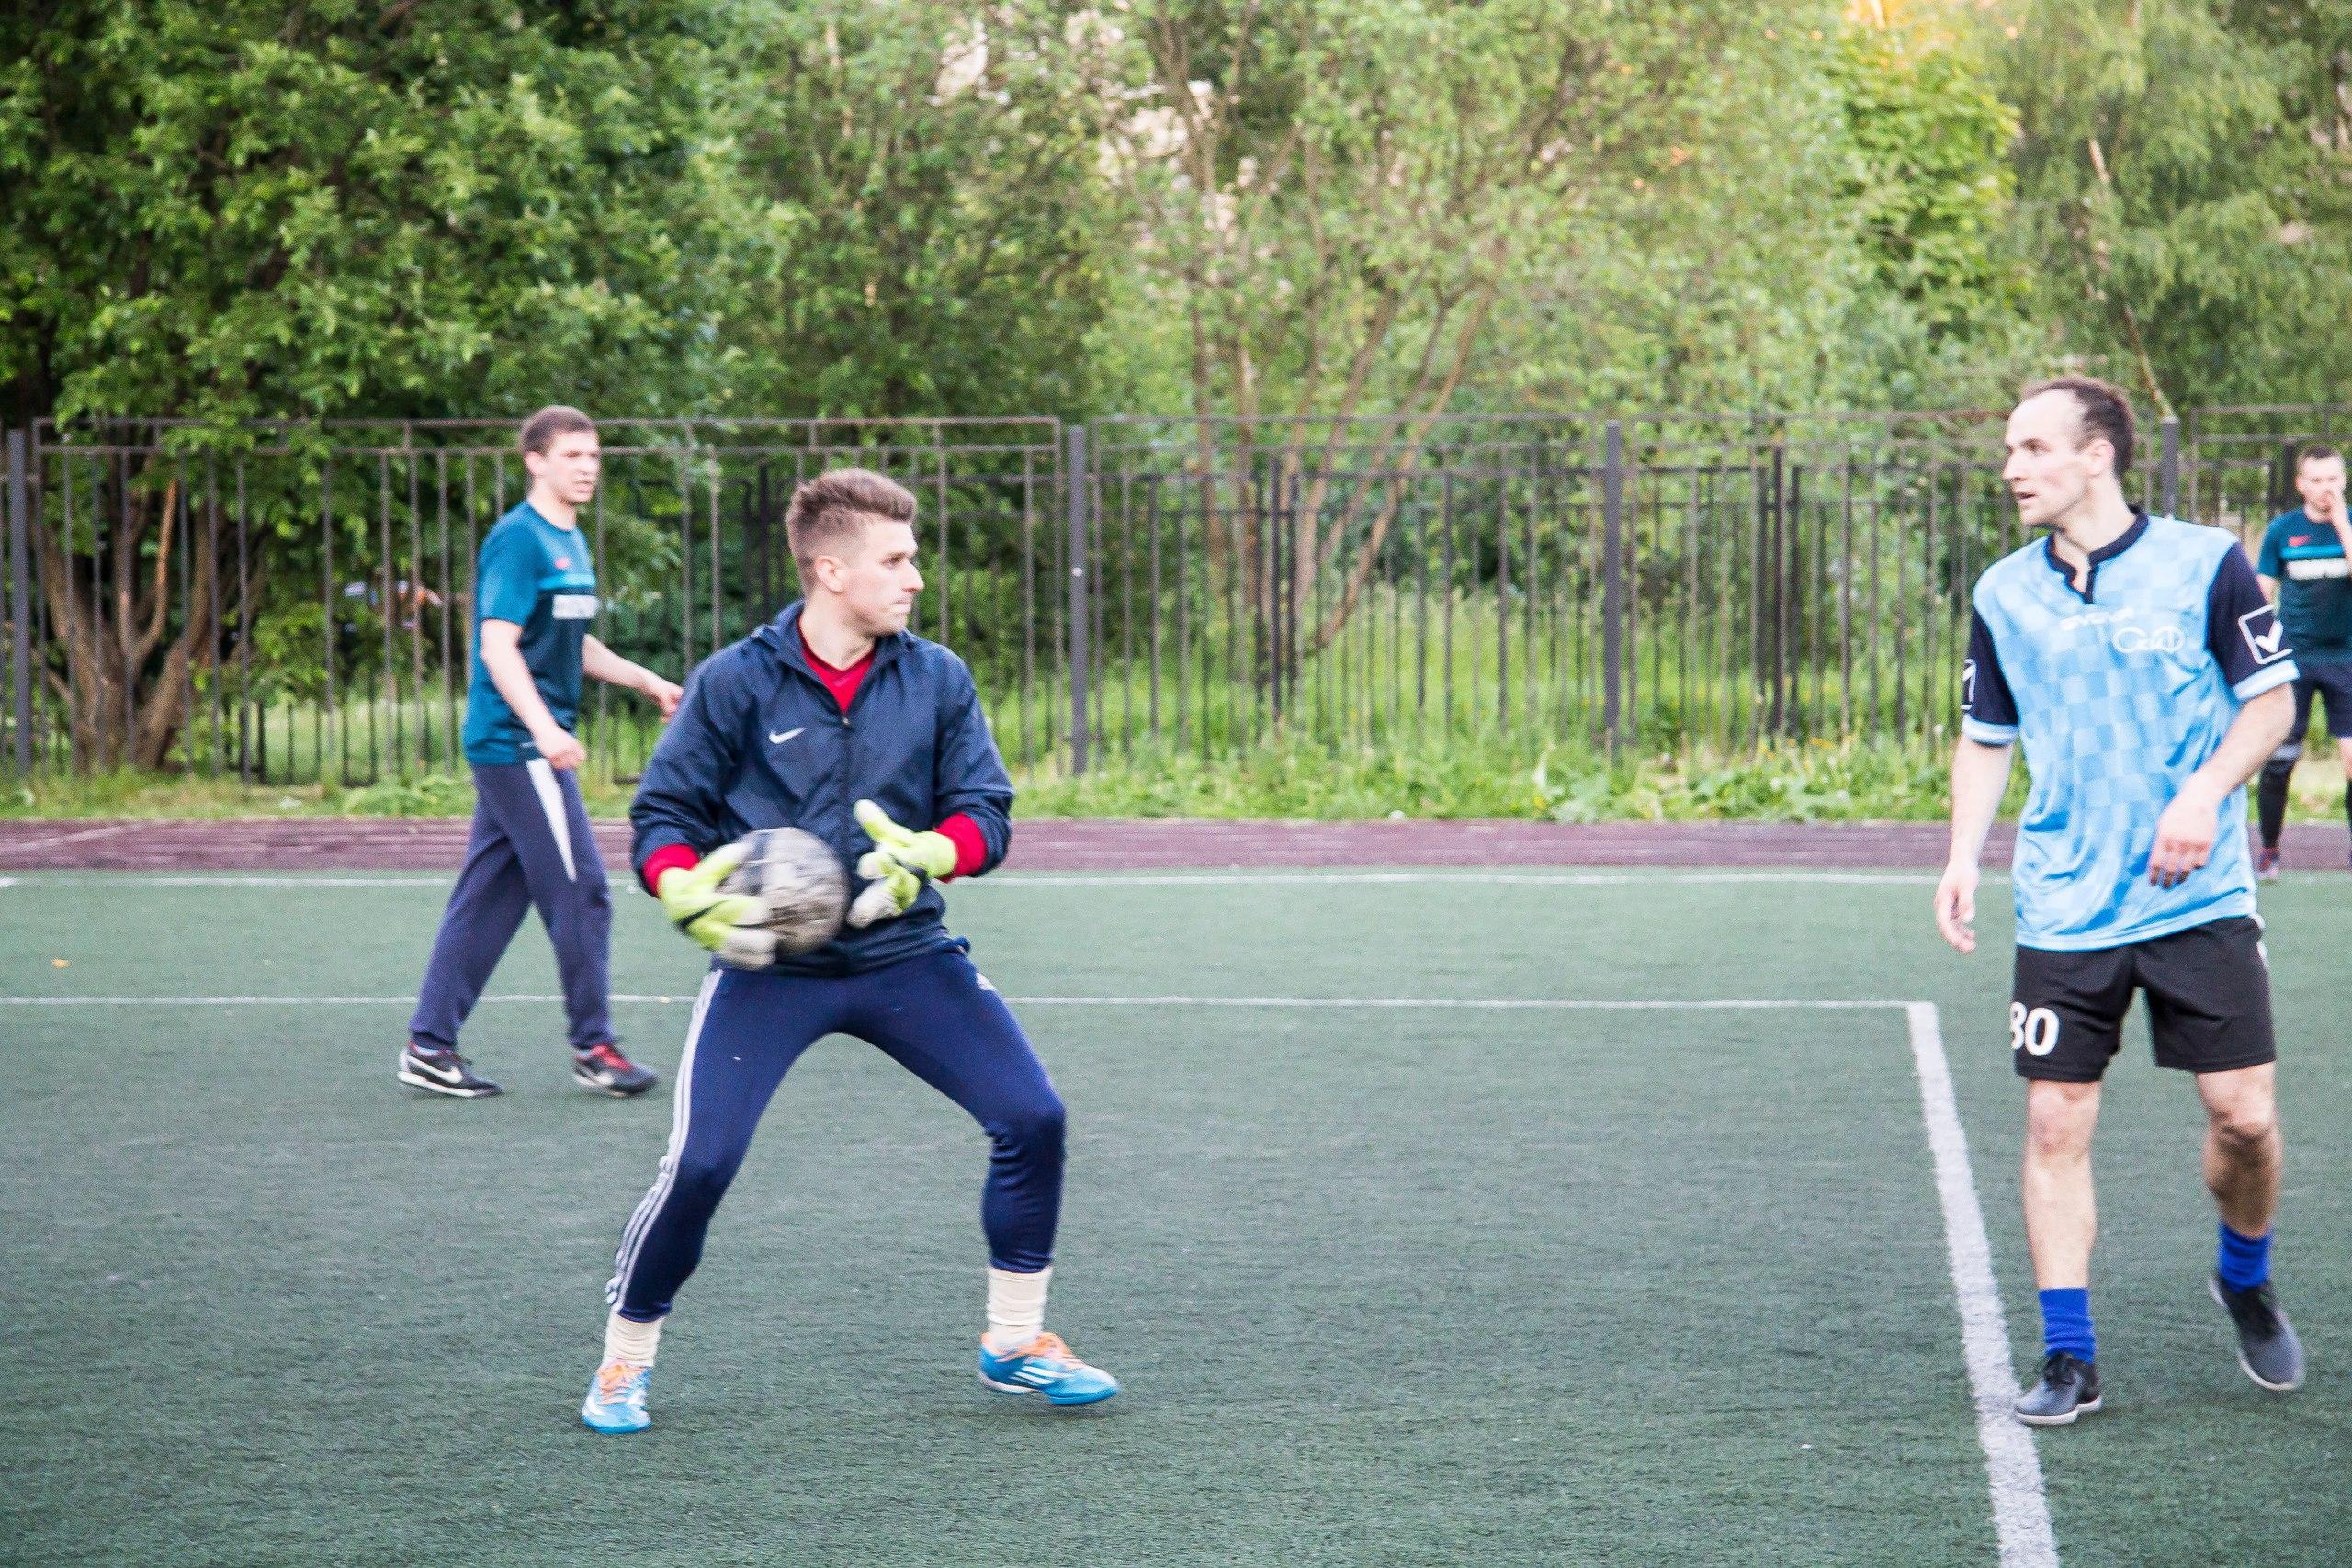 Евгений Зайцев (крайний справа) препятствует вводу мяча голкипером темно-синих Артемом Малашенко (в перчатках Микки Мауса), Поворники - Скиф (6-й тур), Премьер-лига-2016